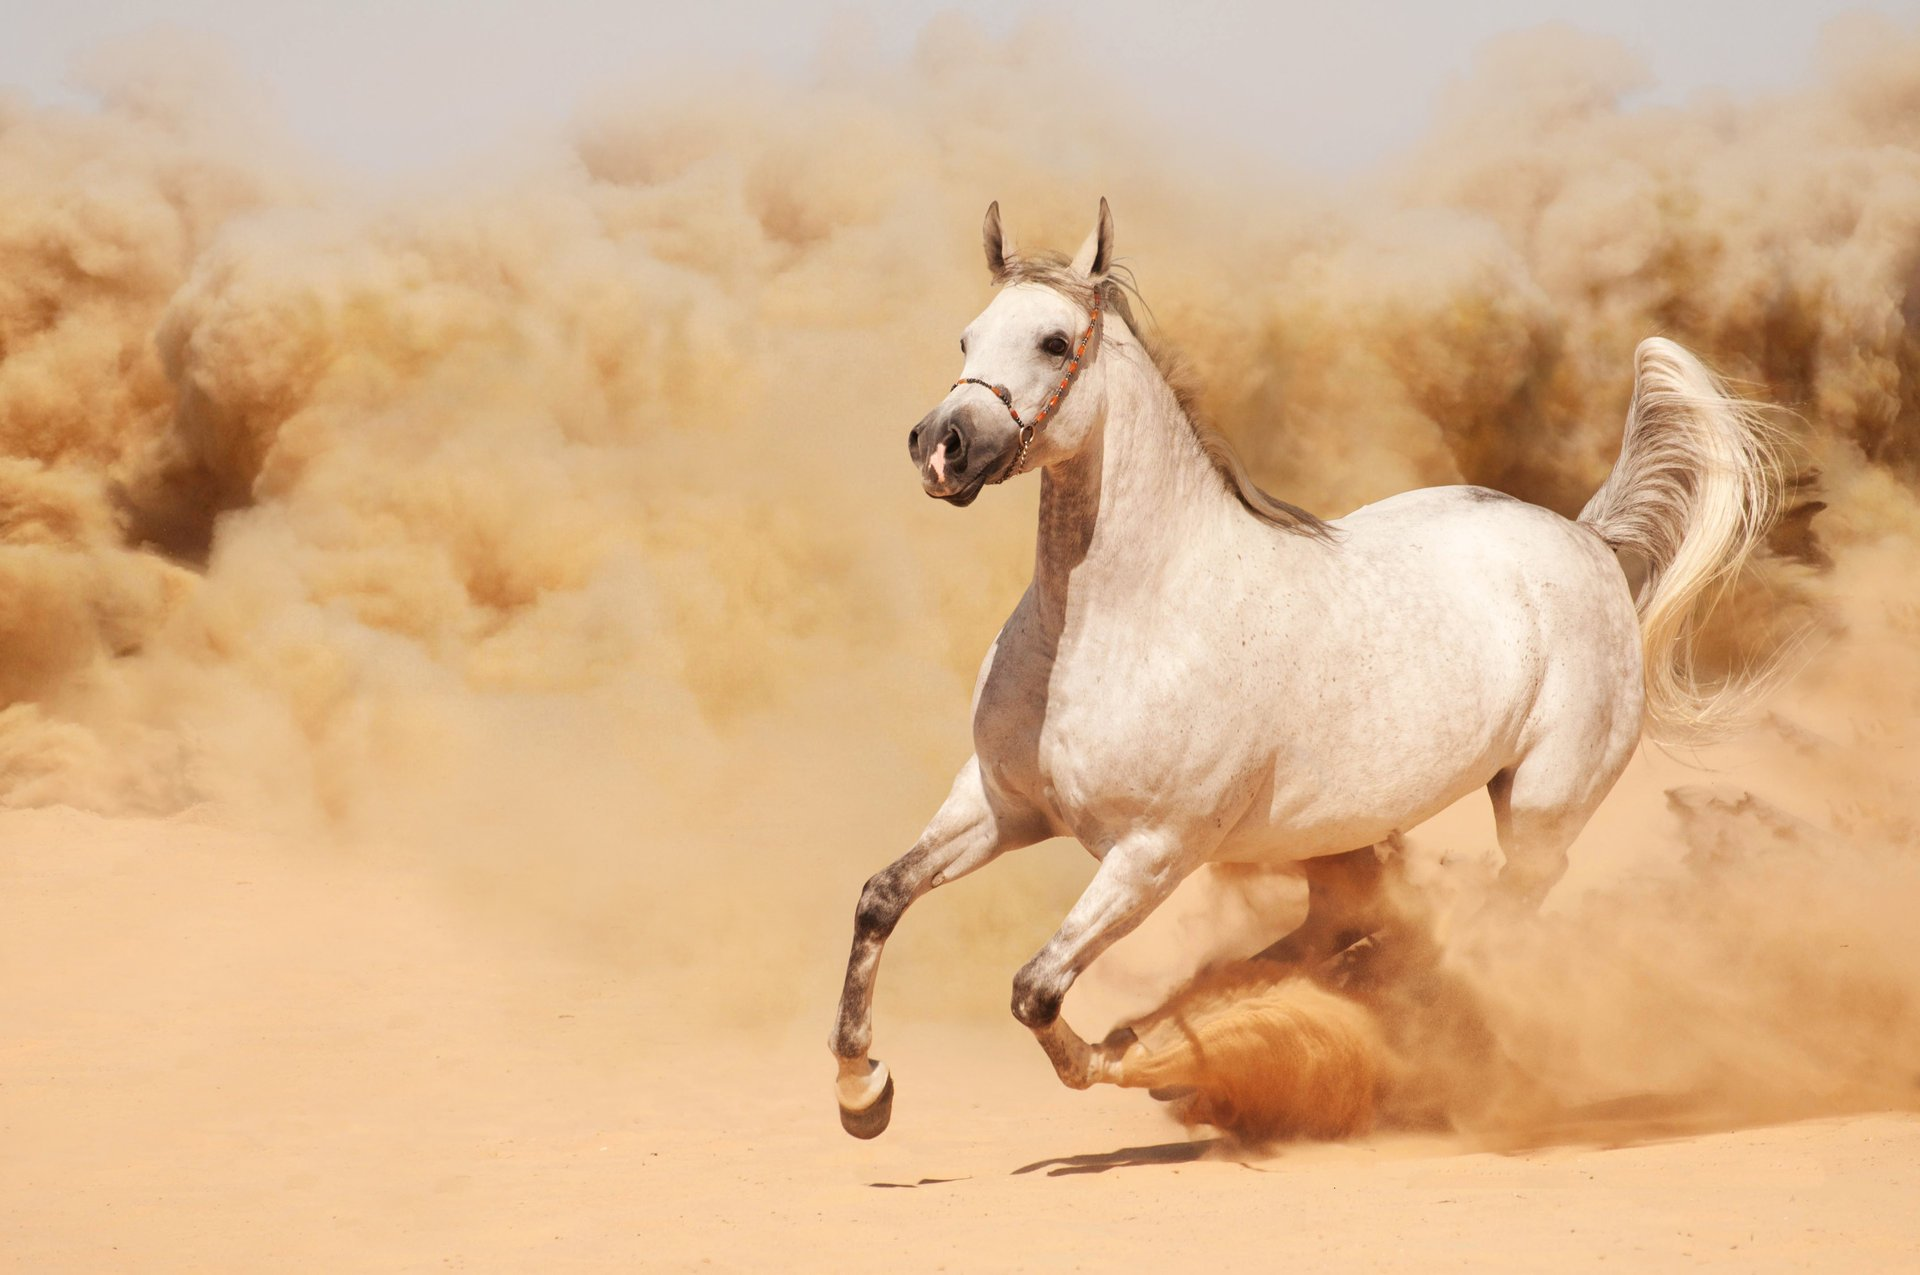 Картинка с изображением лошади